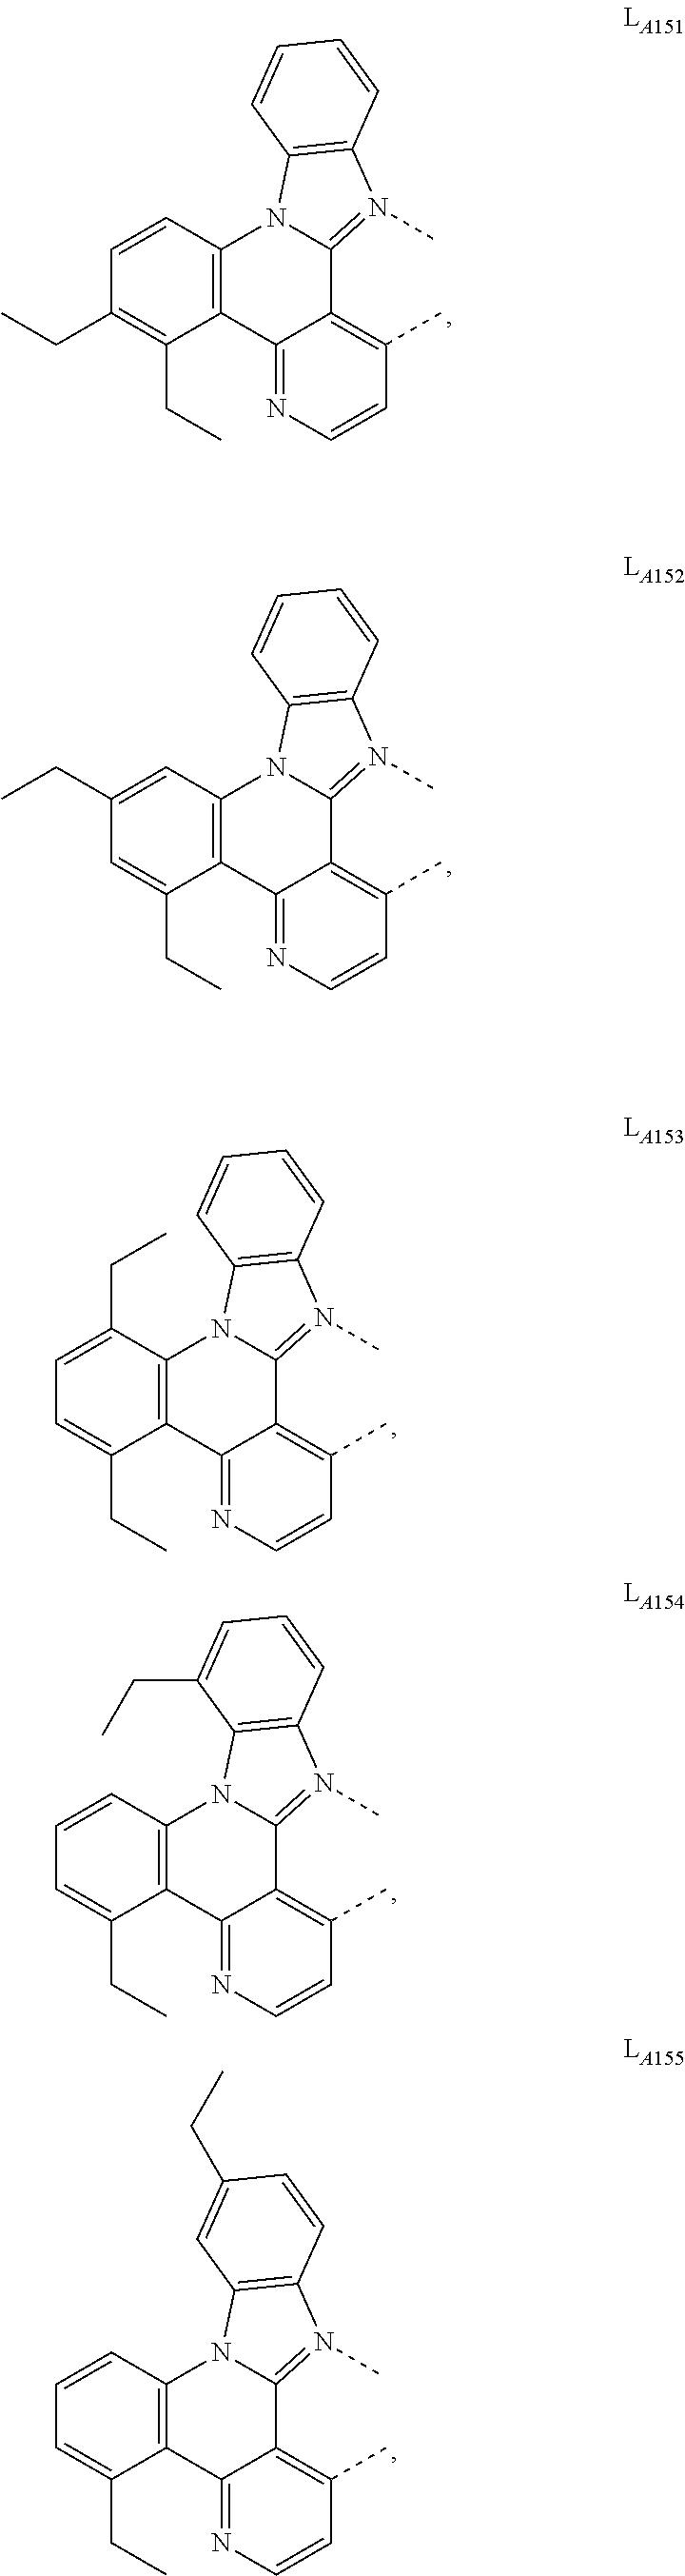 Figure US09905785-20180227-C00457